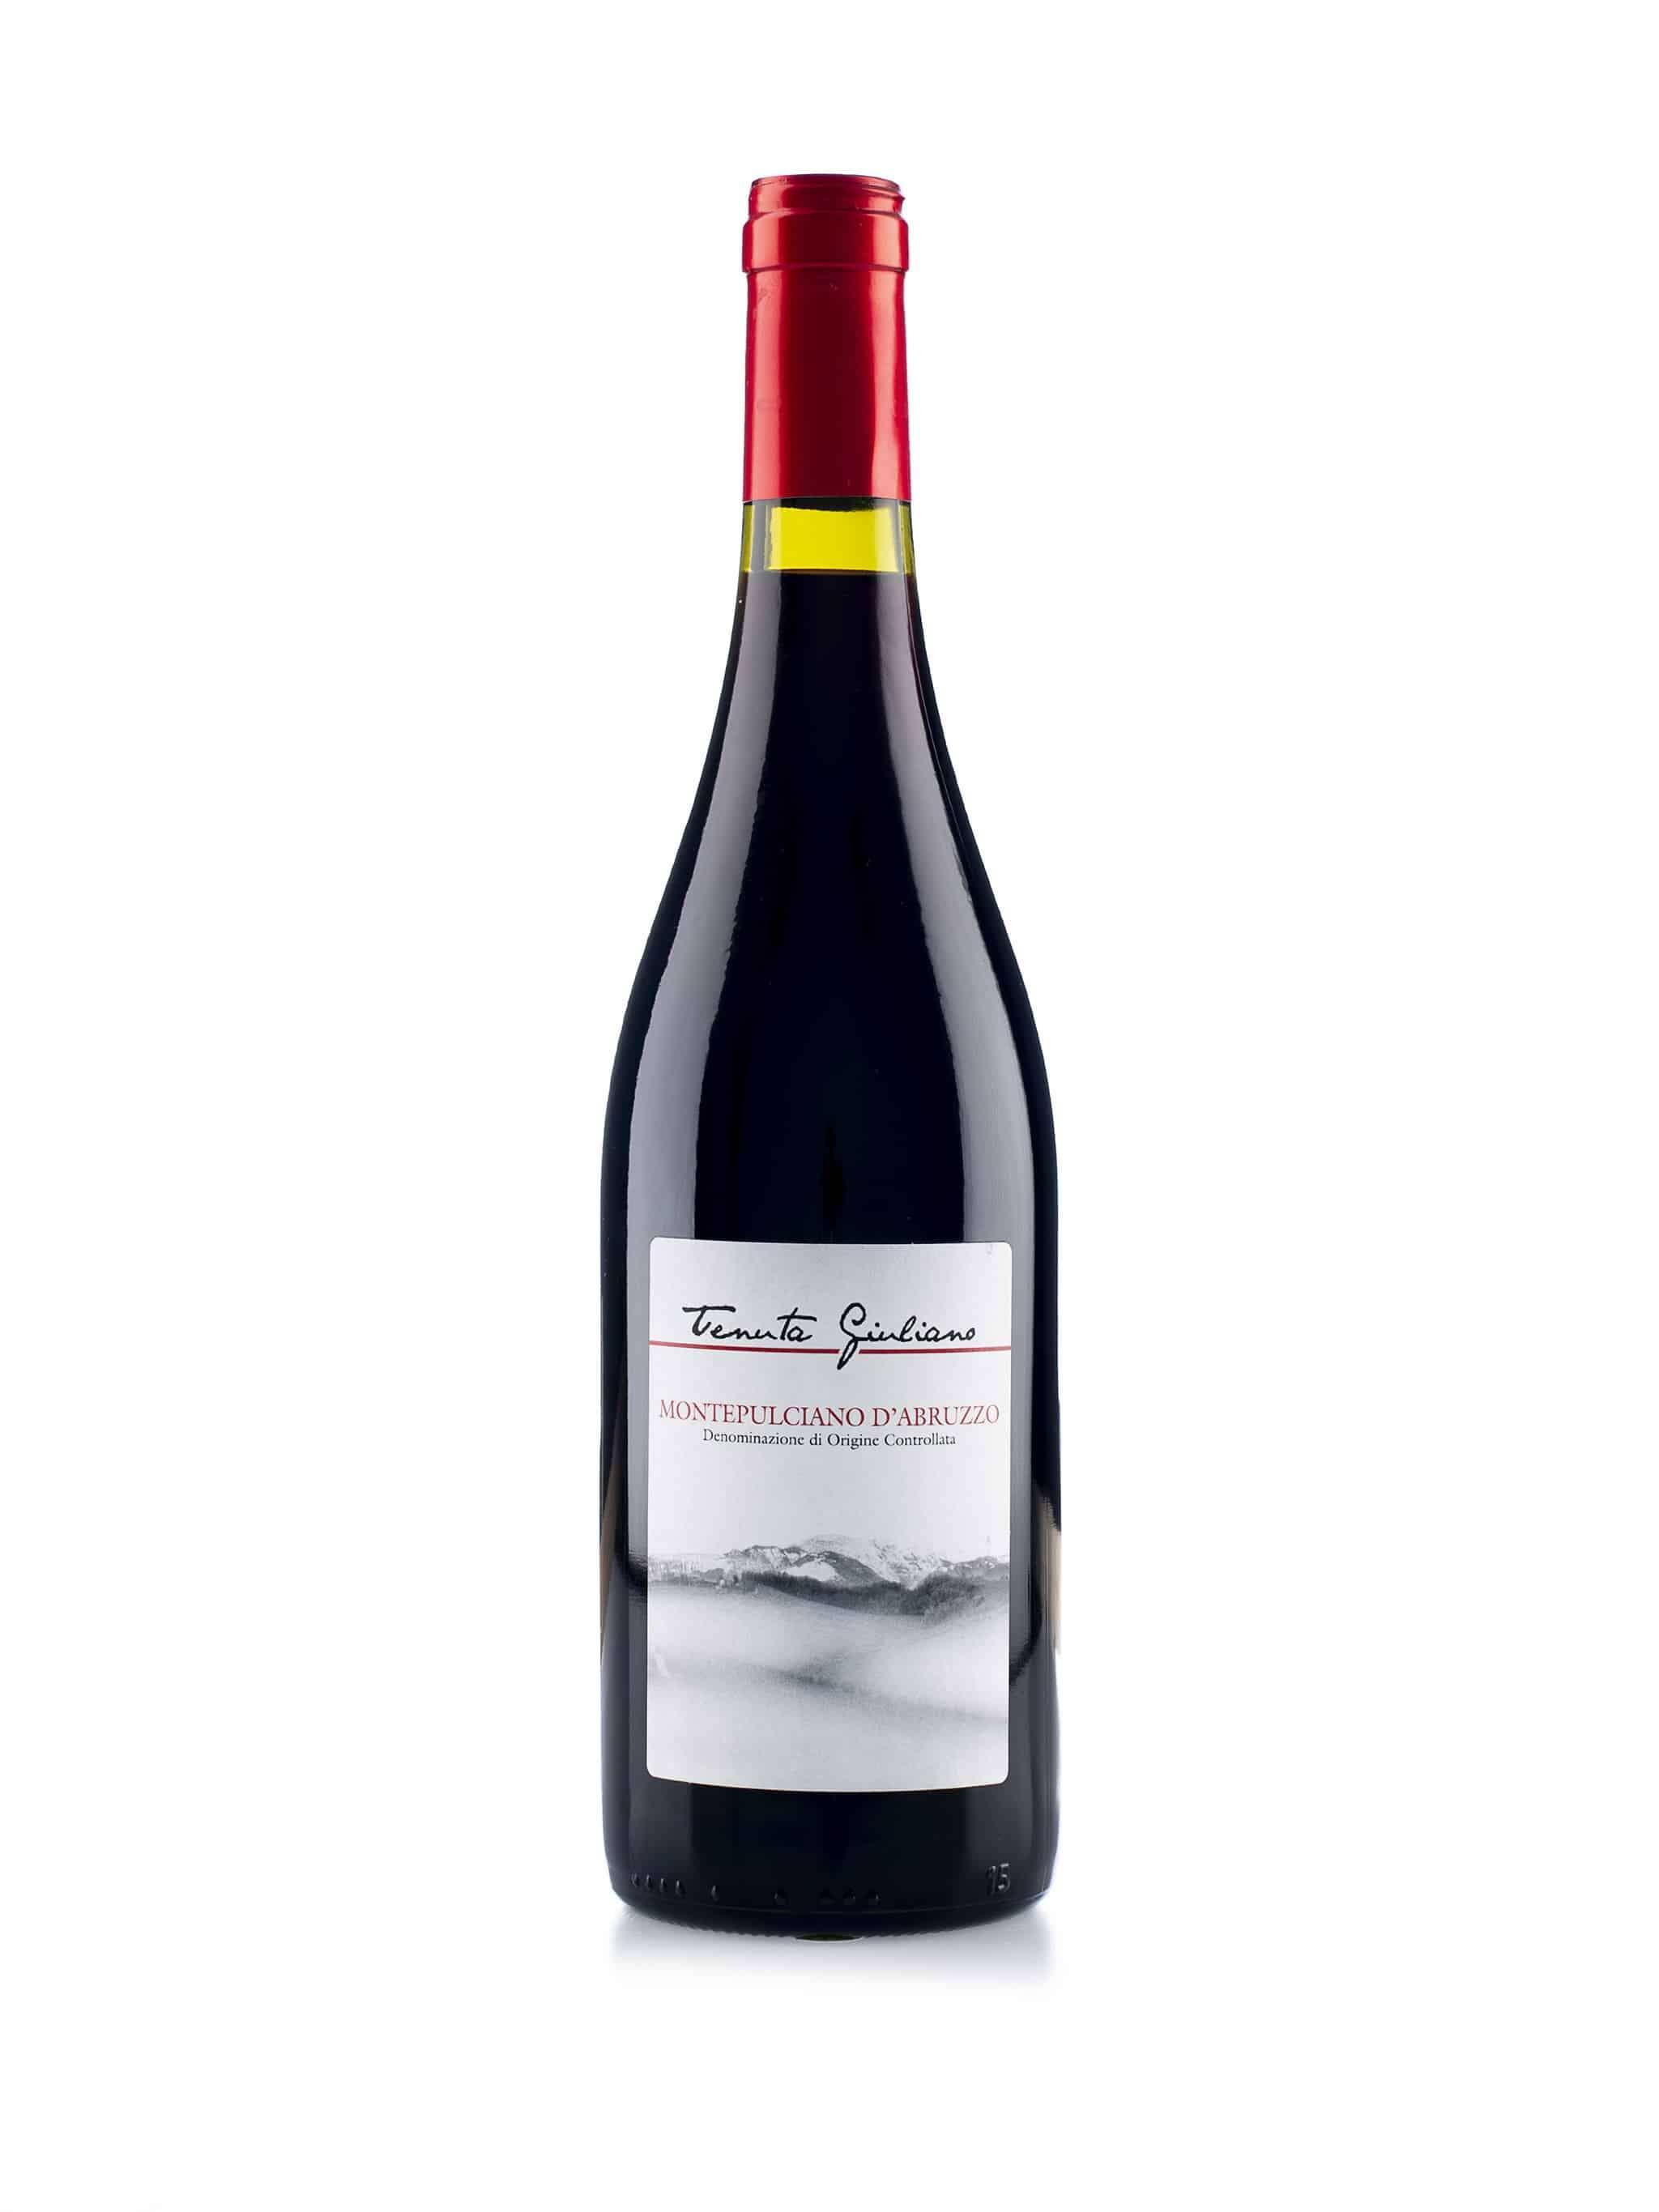 Italiaanse rode wijn van wijndomein Tenuta Giuliano: Montepulciano d'Abruzzo